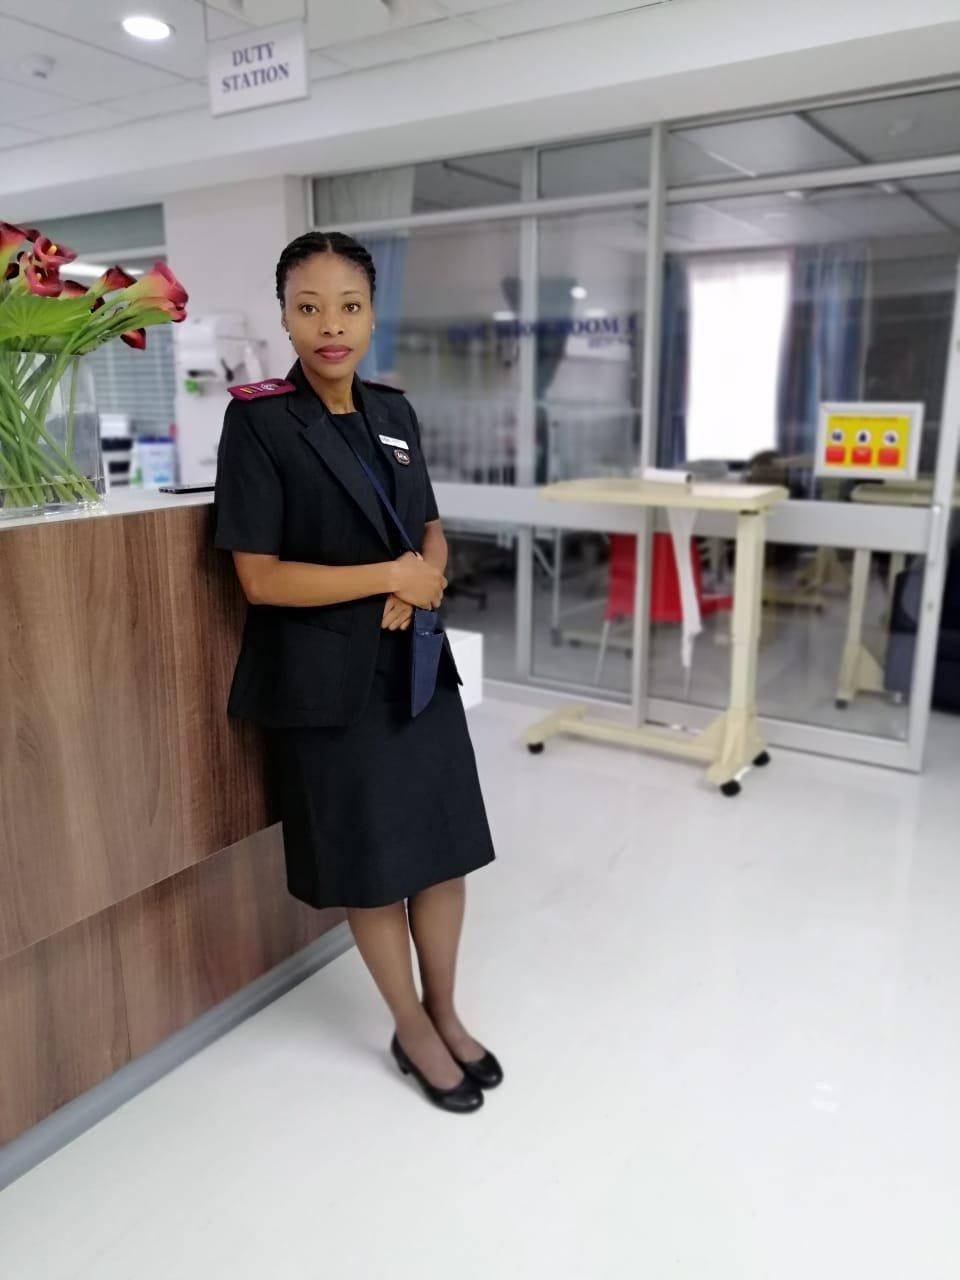 Nurse Thobile Mtshali